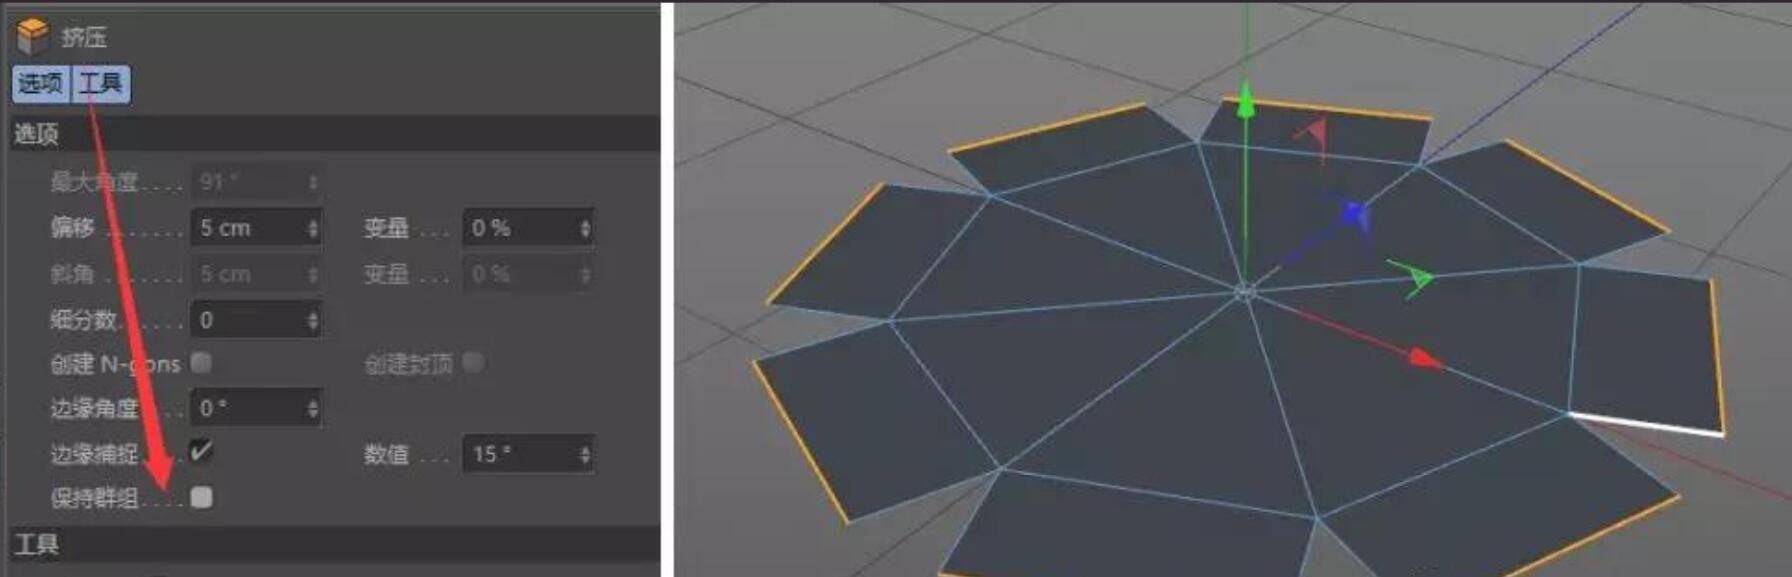 待改-C4D用材质和渲染焦散制作钻石建模(2)